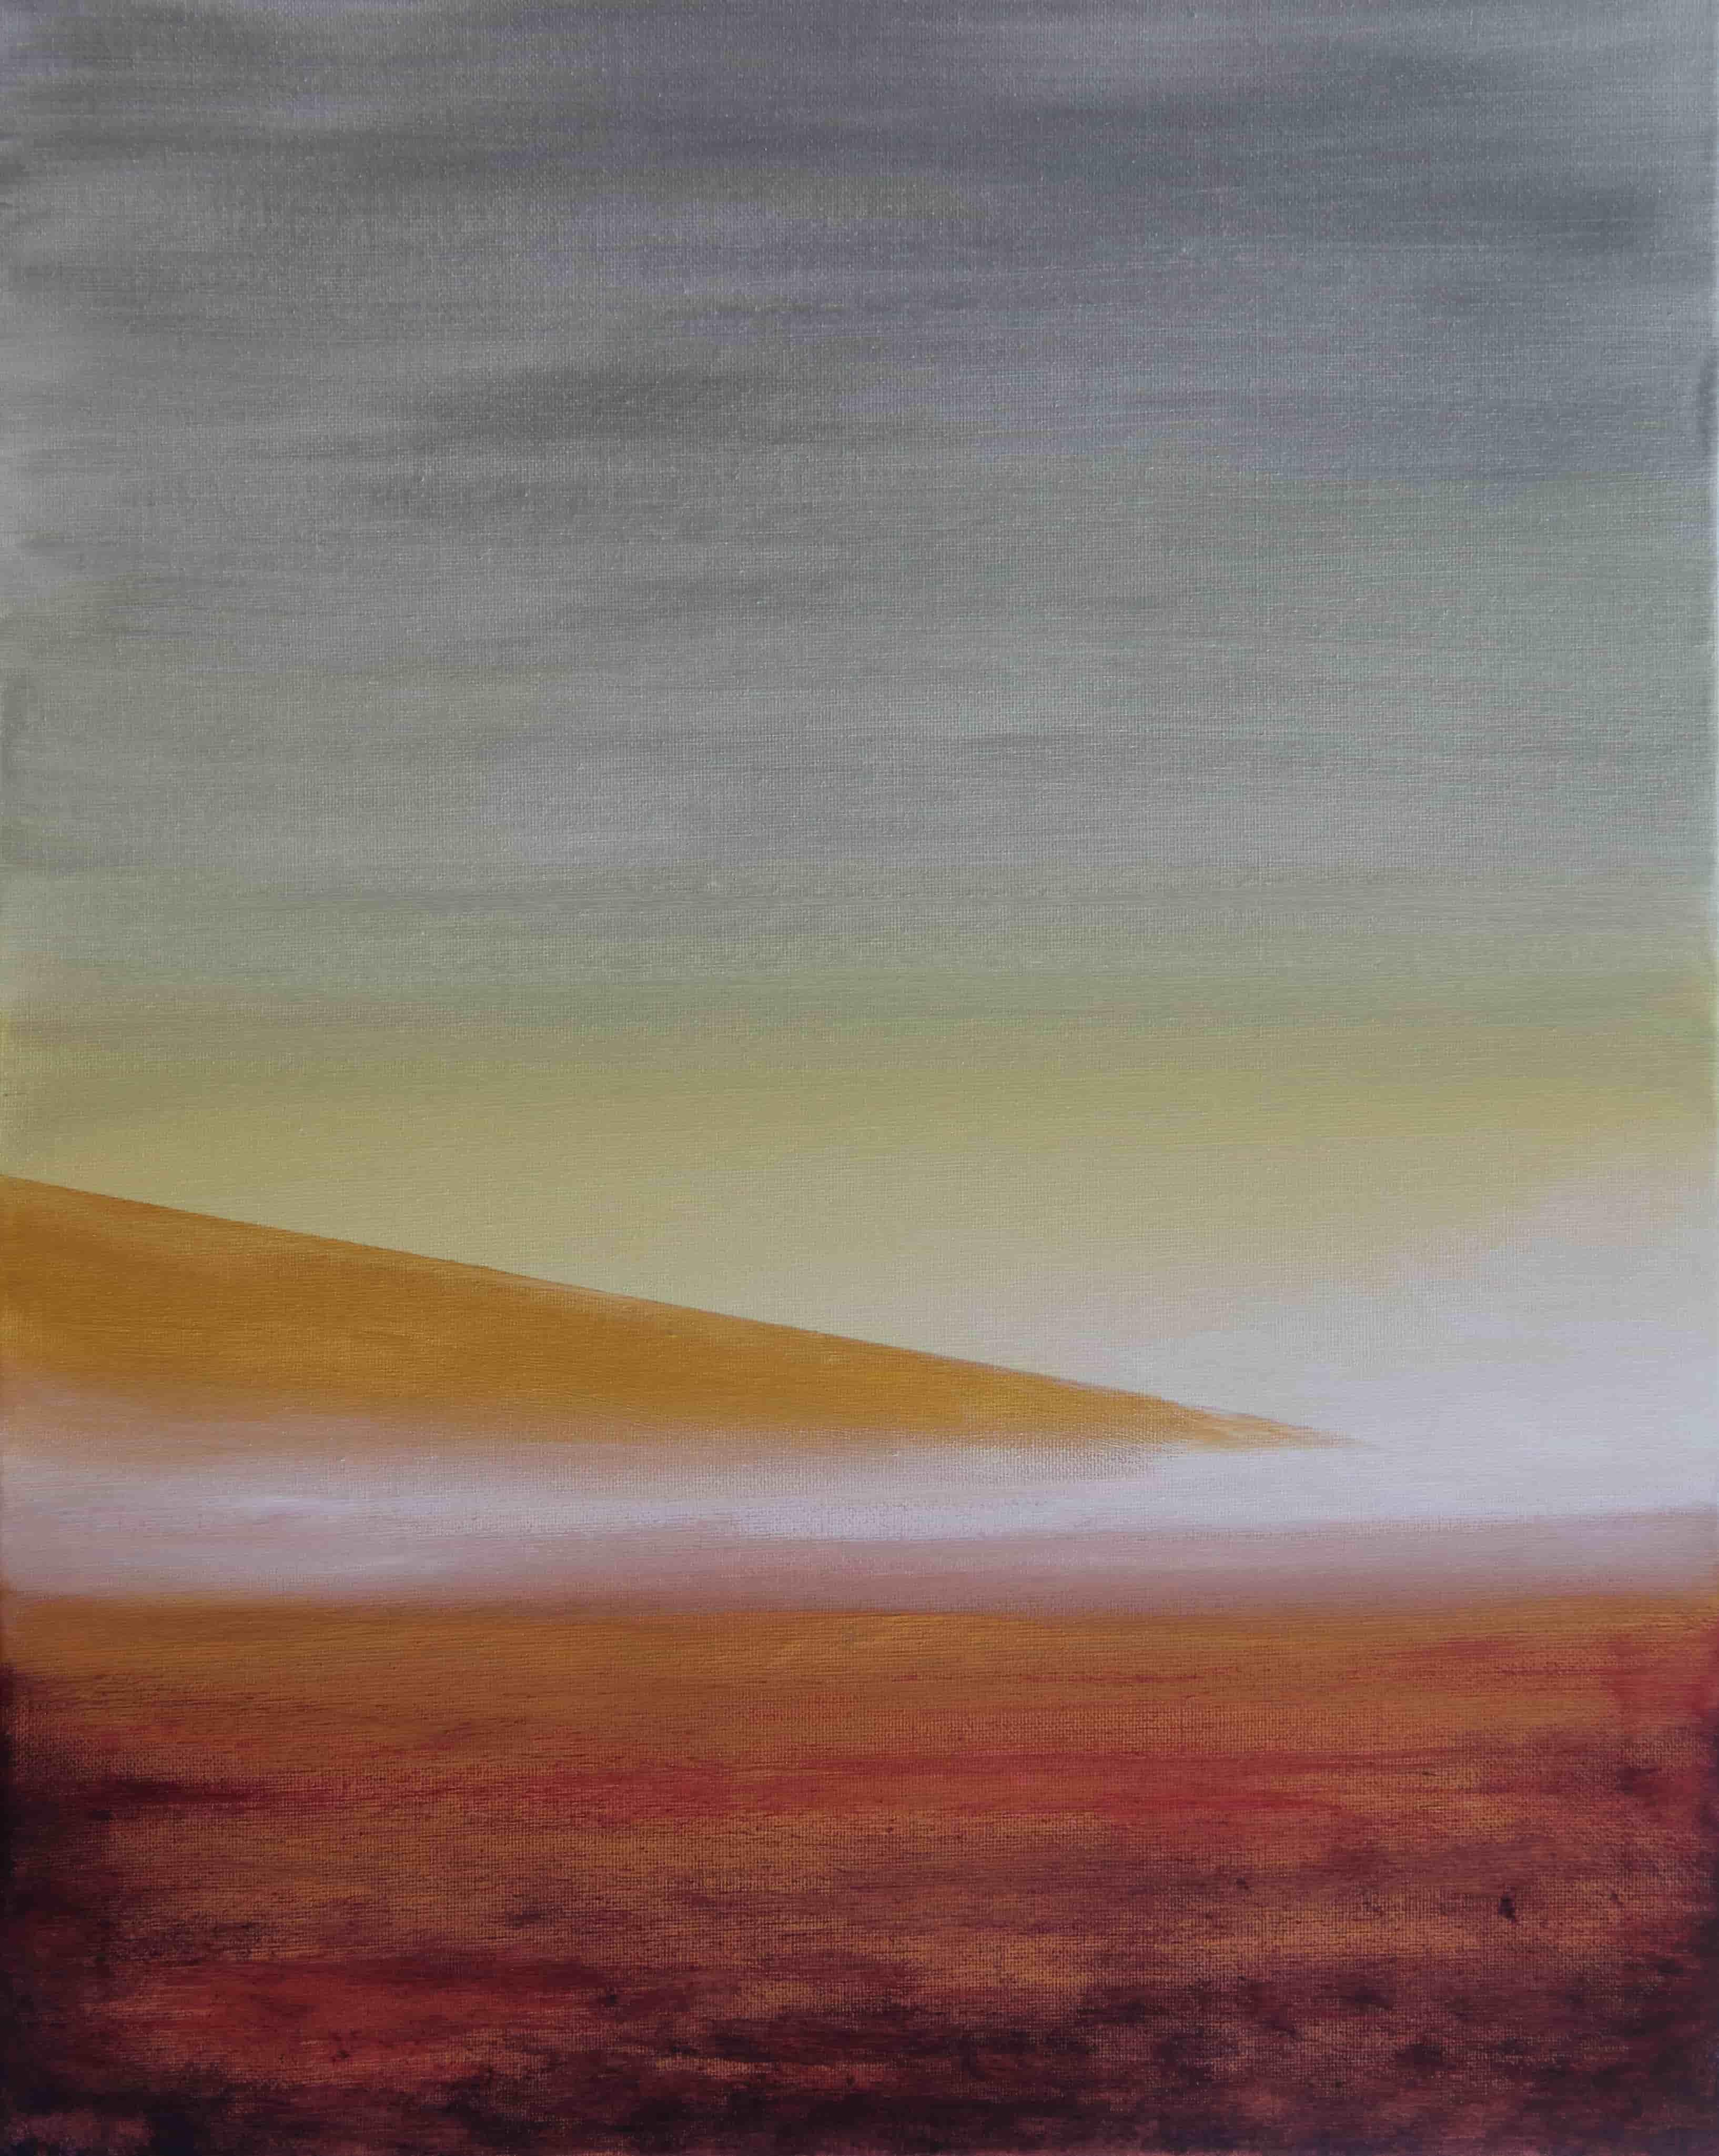 desert-sunrise-acrylic-20-x-16-3